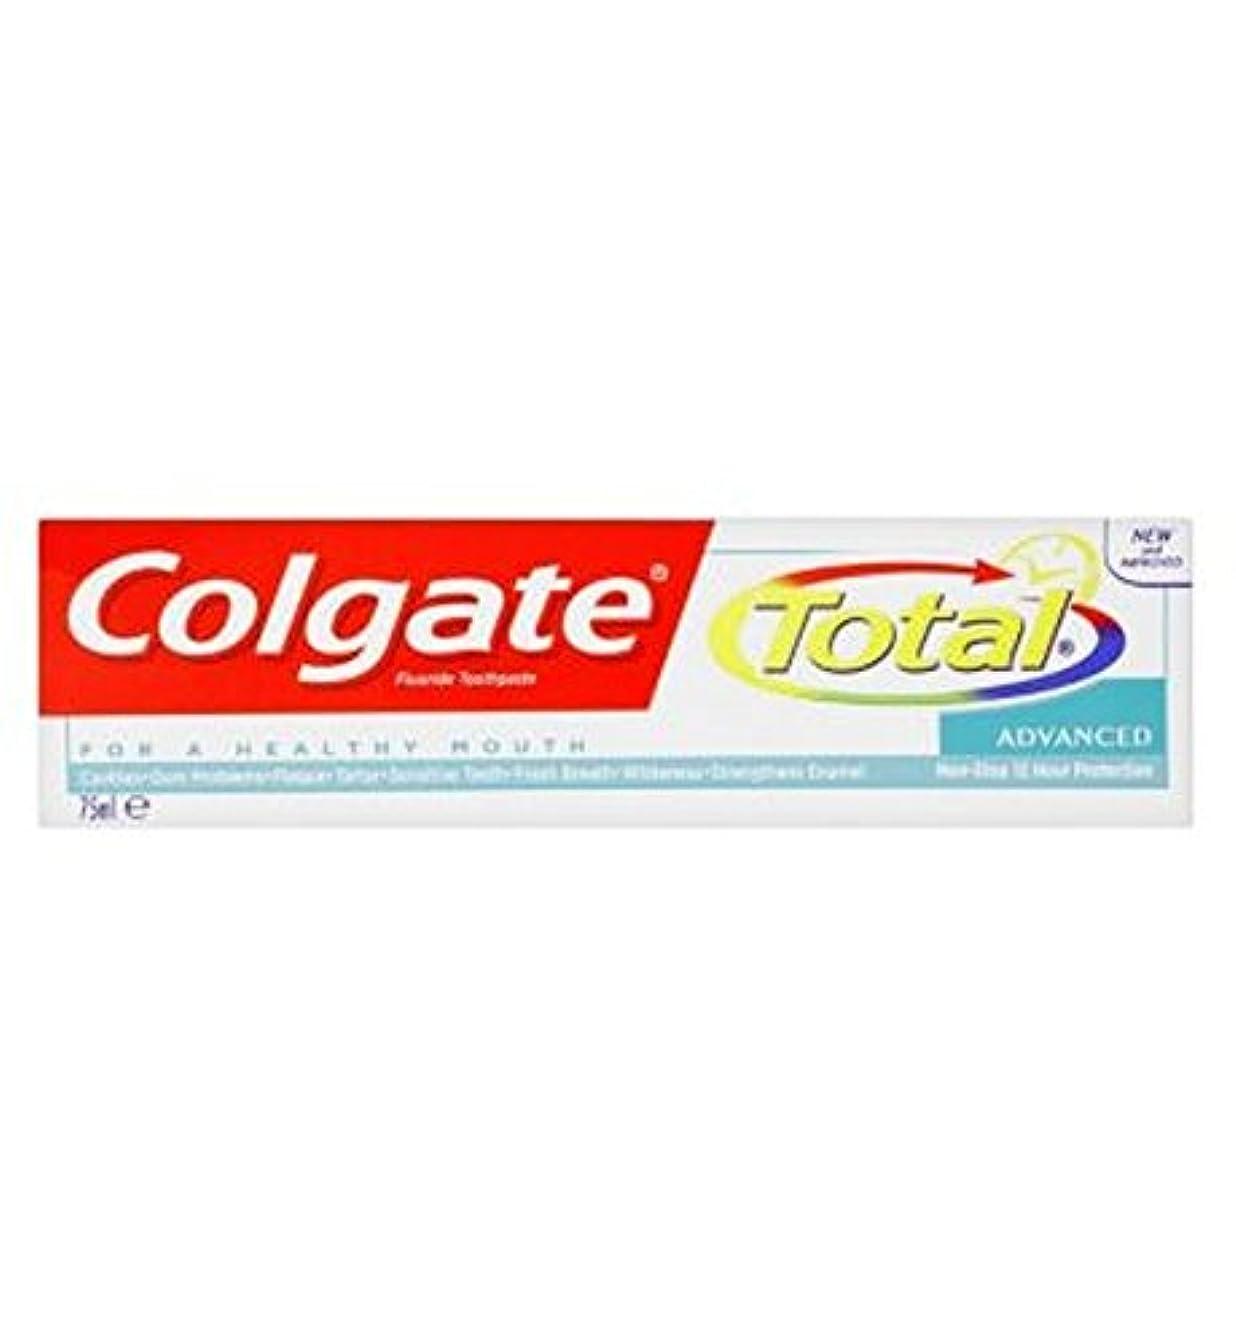 夜明け出発するスカートColgate Total Advanced toothpaste 75ml - コルゲートトータル高度な歯磨き粉75ミリリットル (Colgate) [並行輸入品]